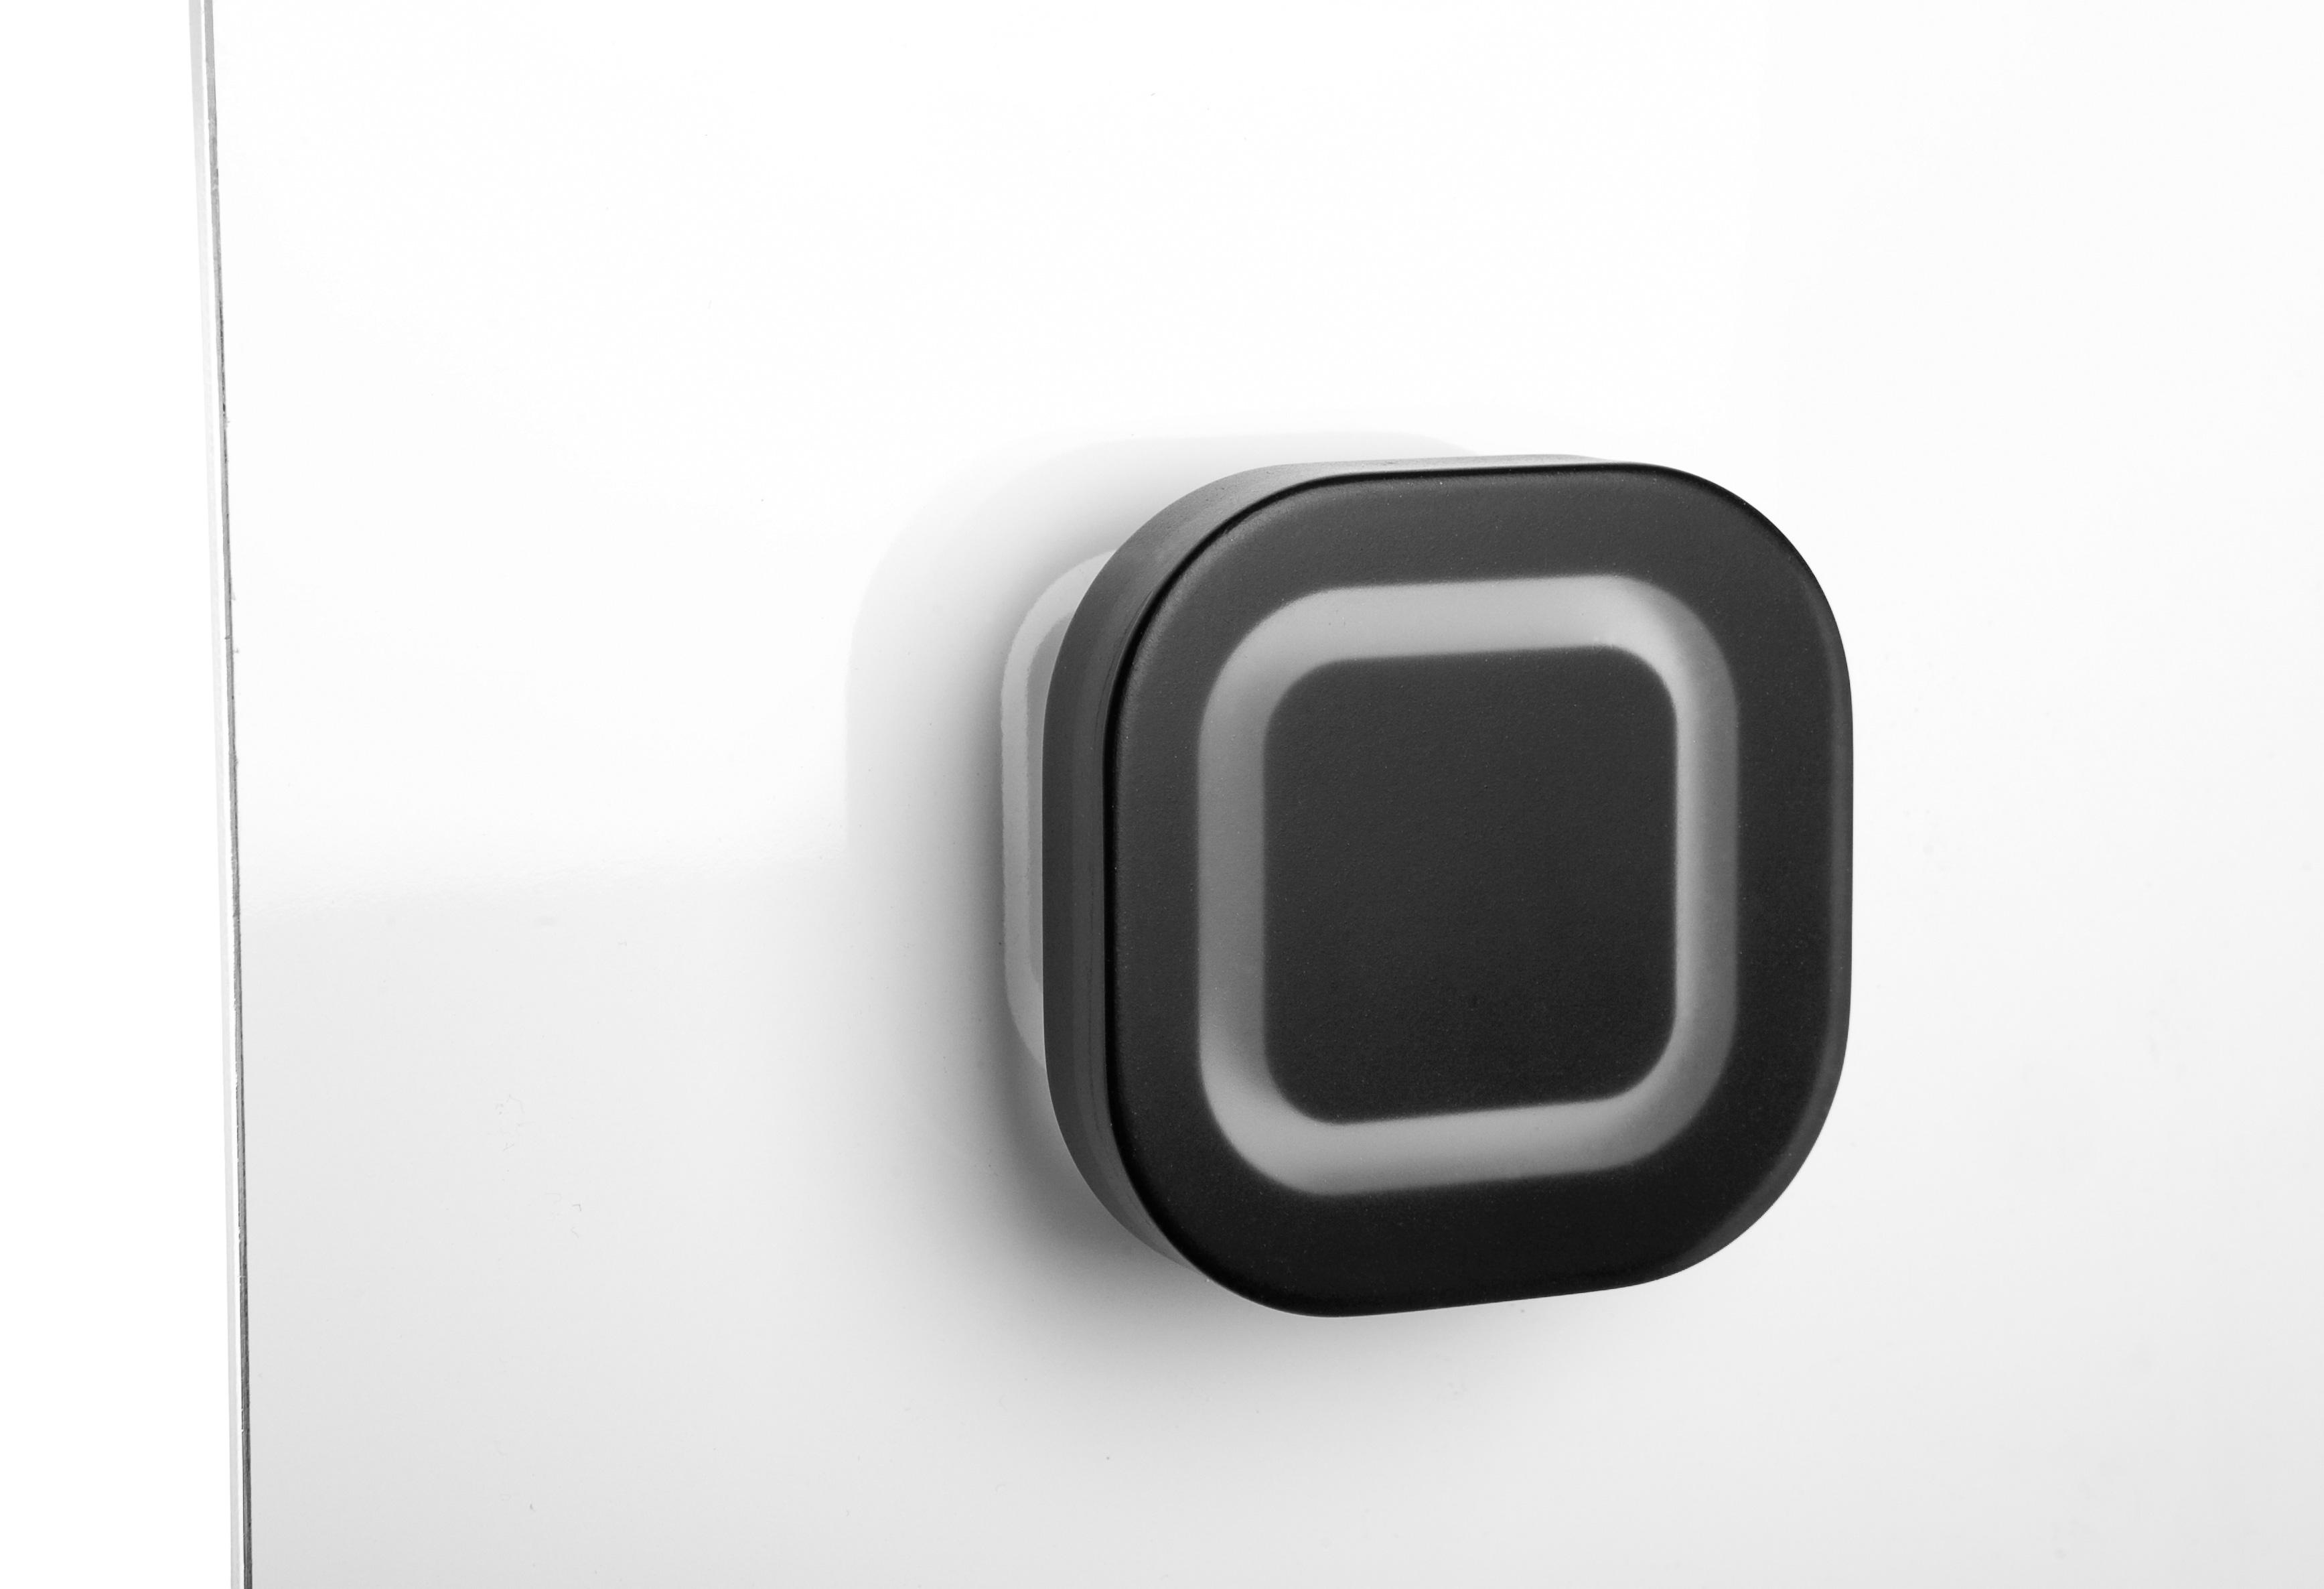 Pomos blancos y negros Monza de Viefe. Black and white knobs of Viefe.